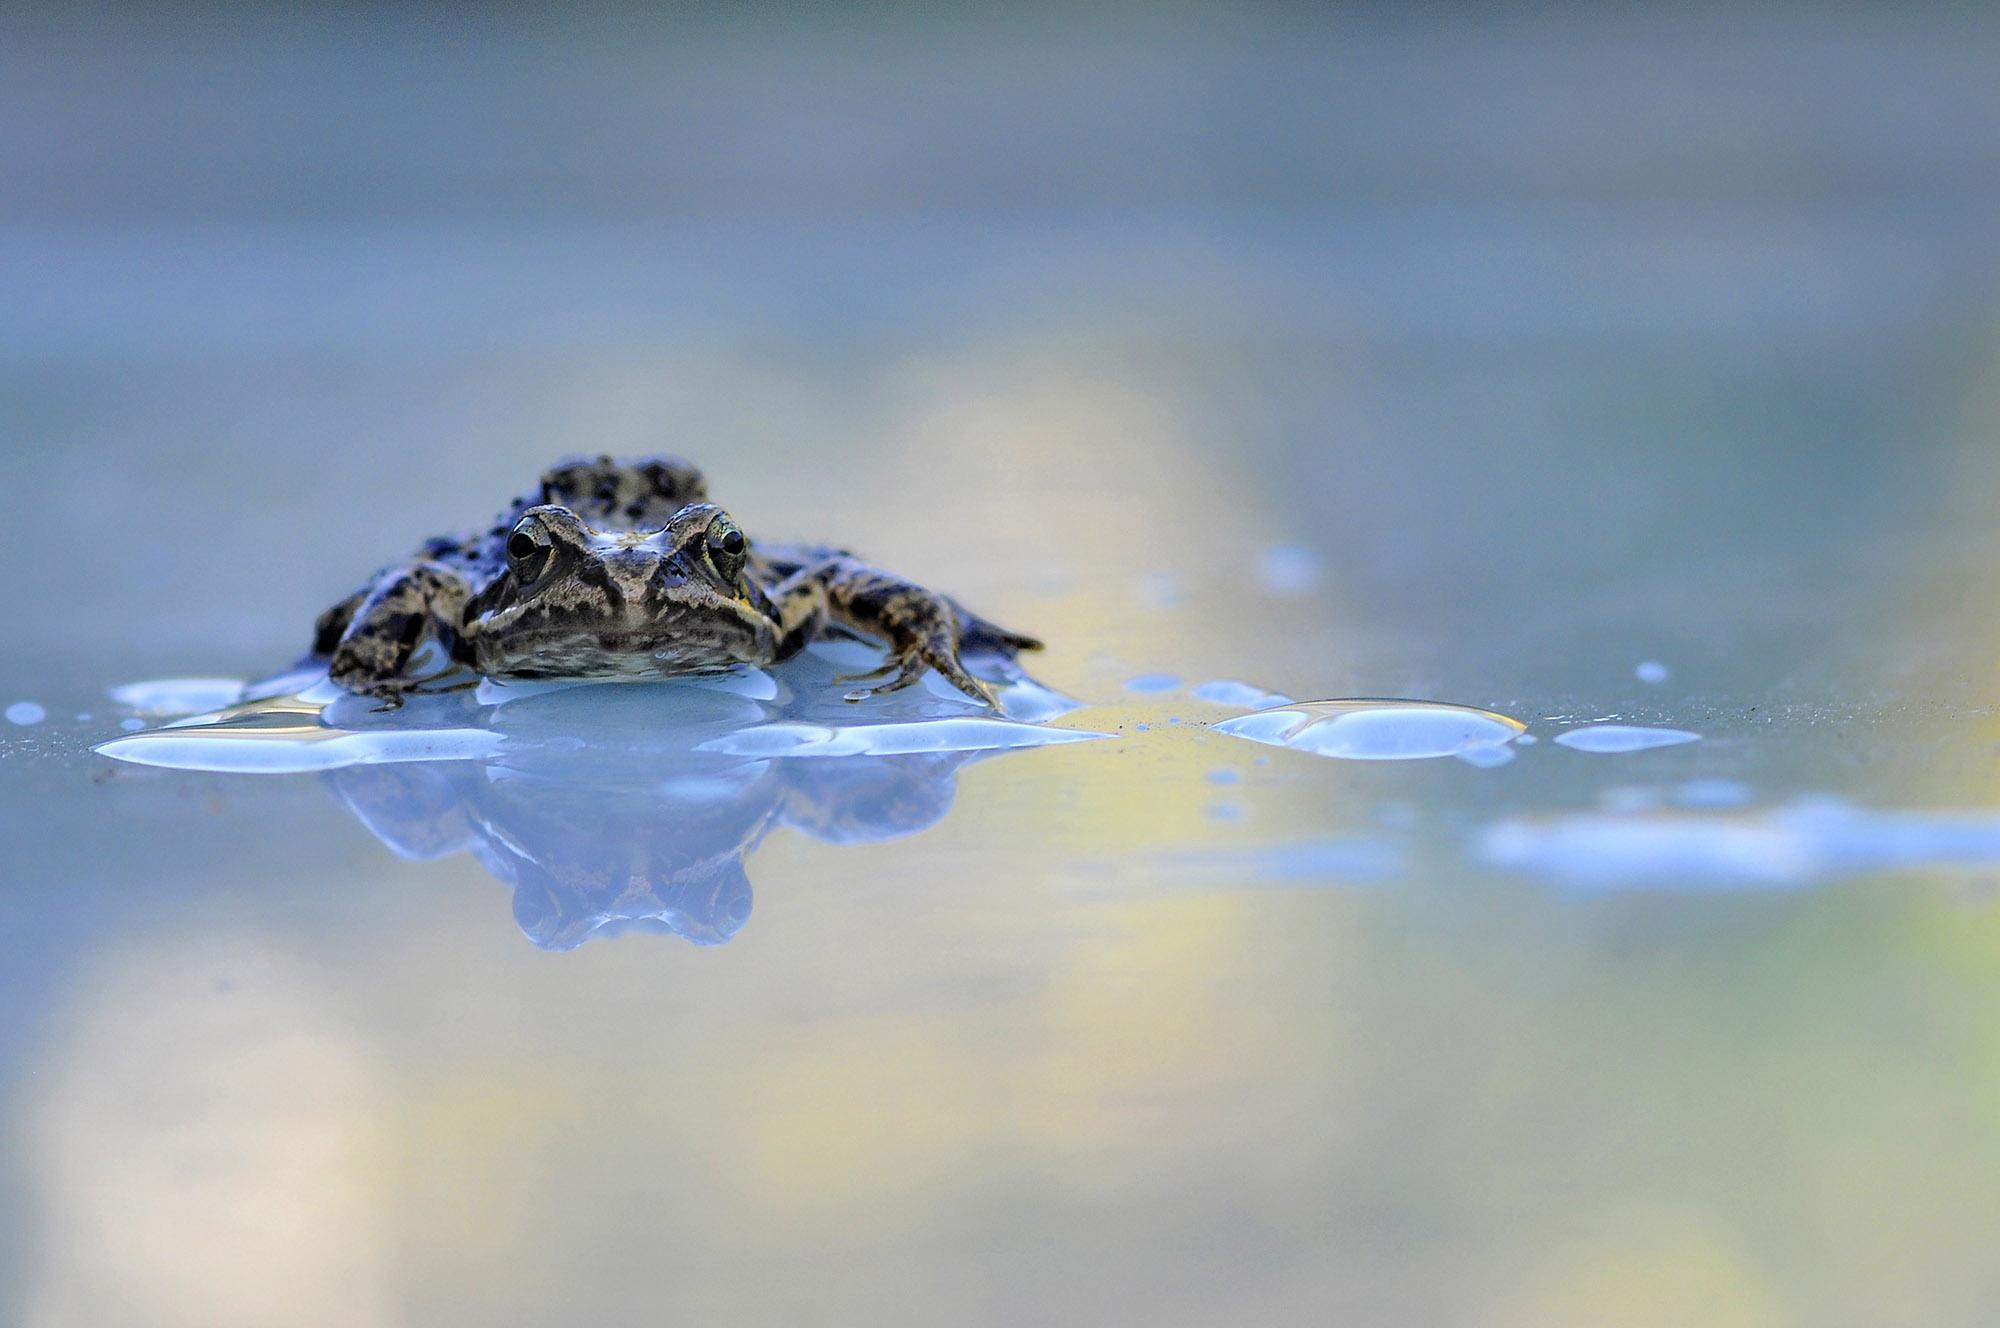 Foto van een kikker op het water